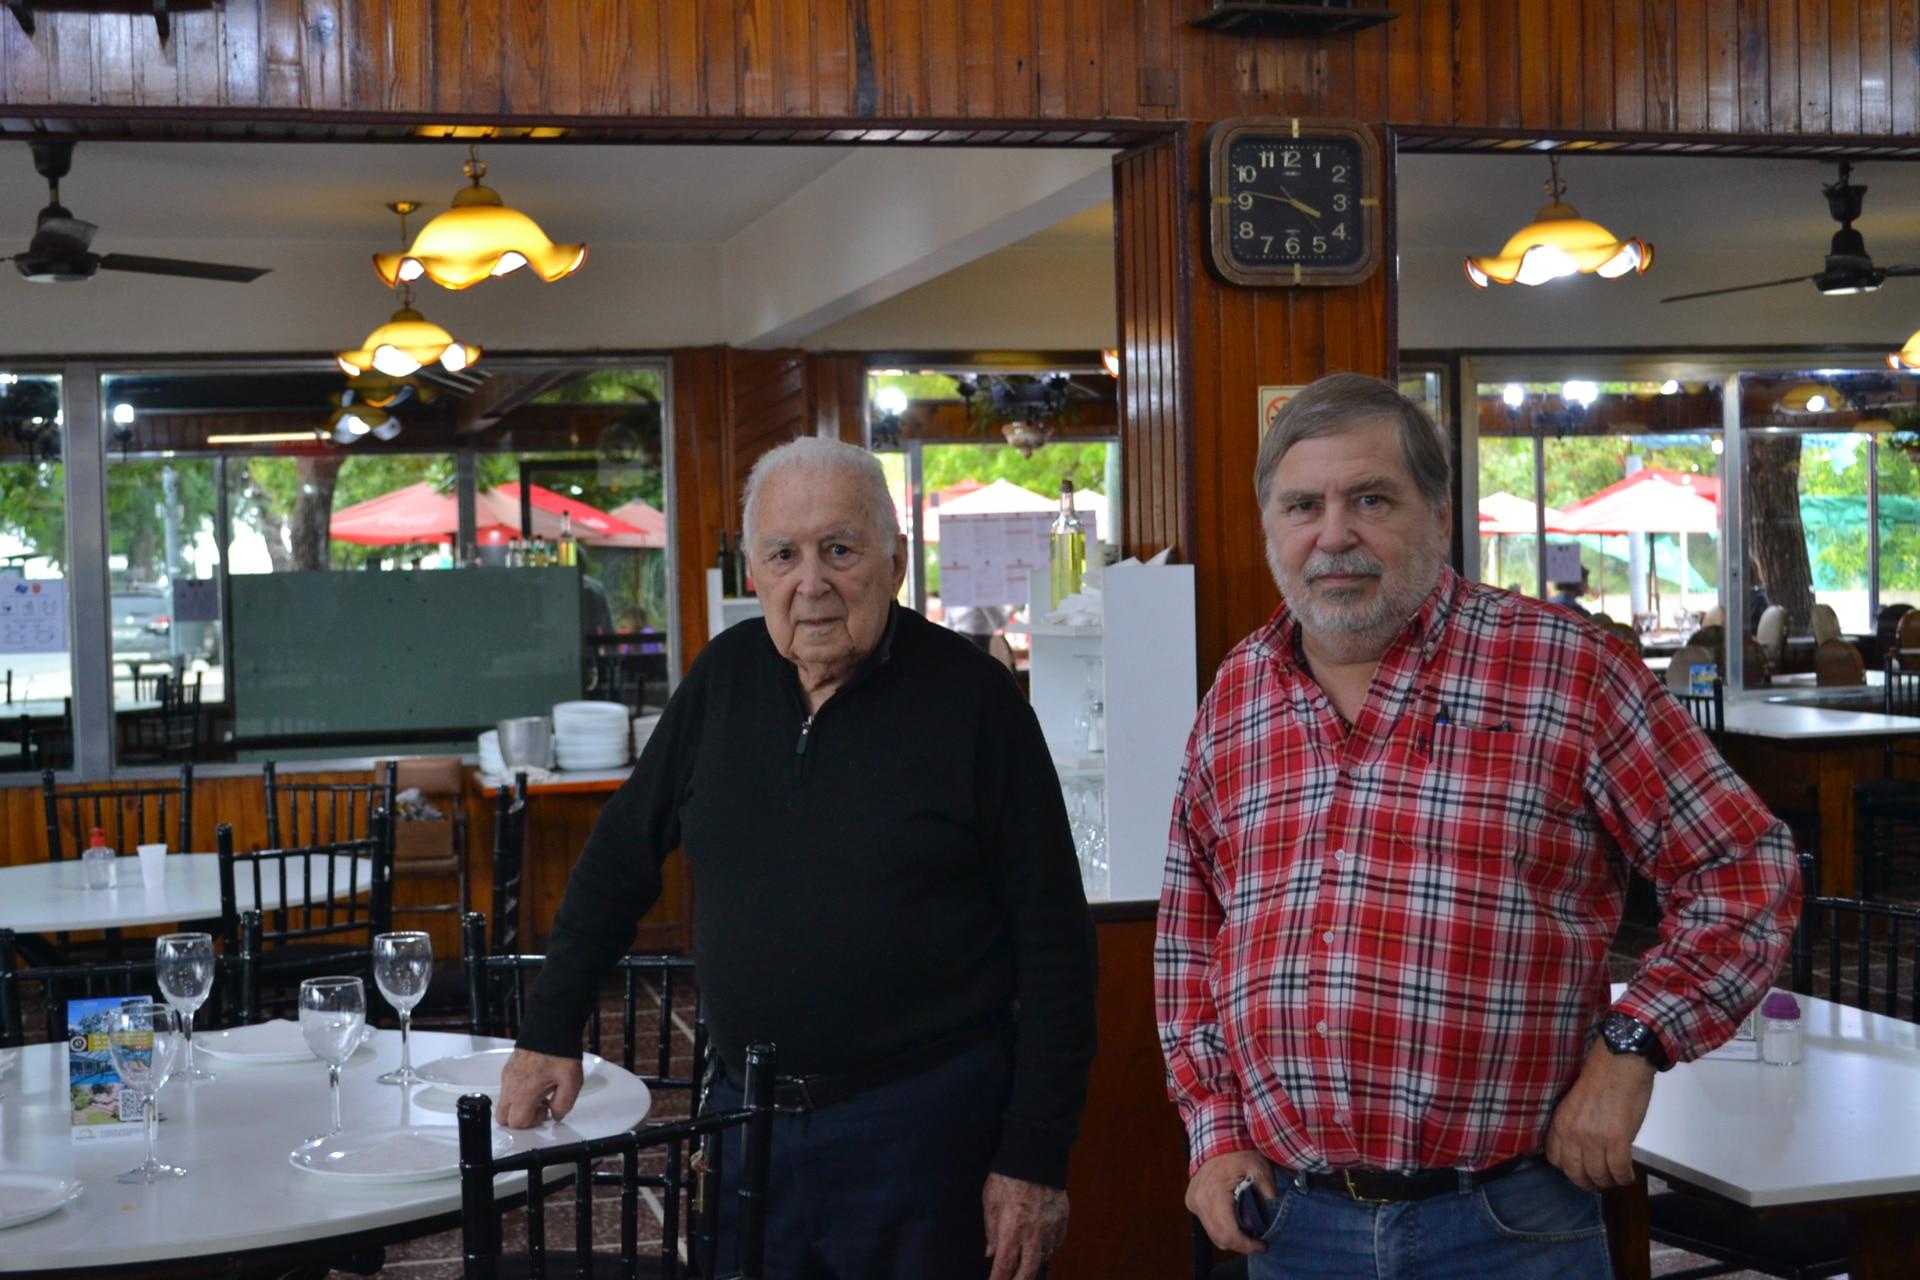 Padre e hijo en el interior del restaurante